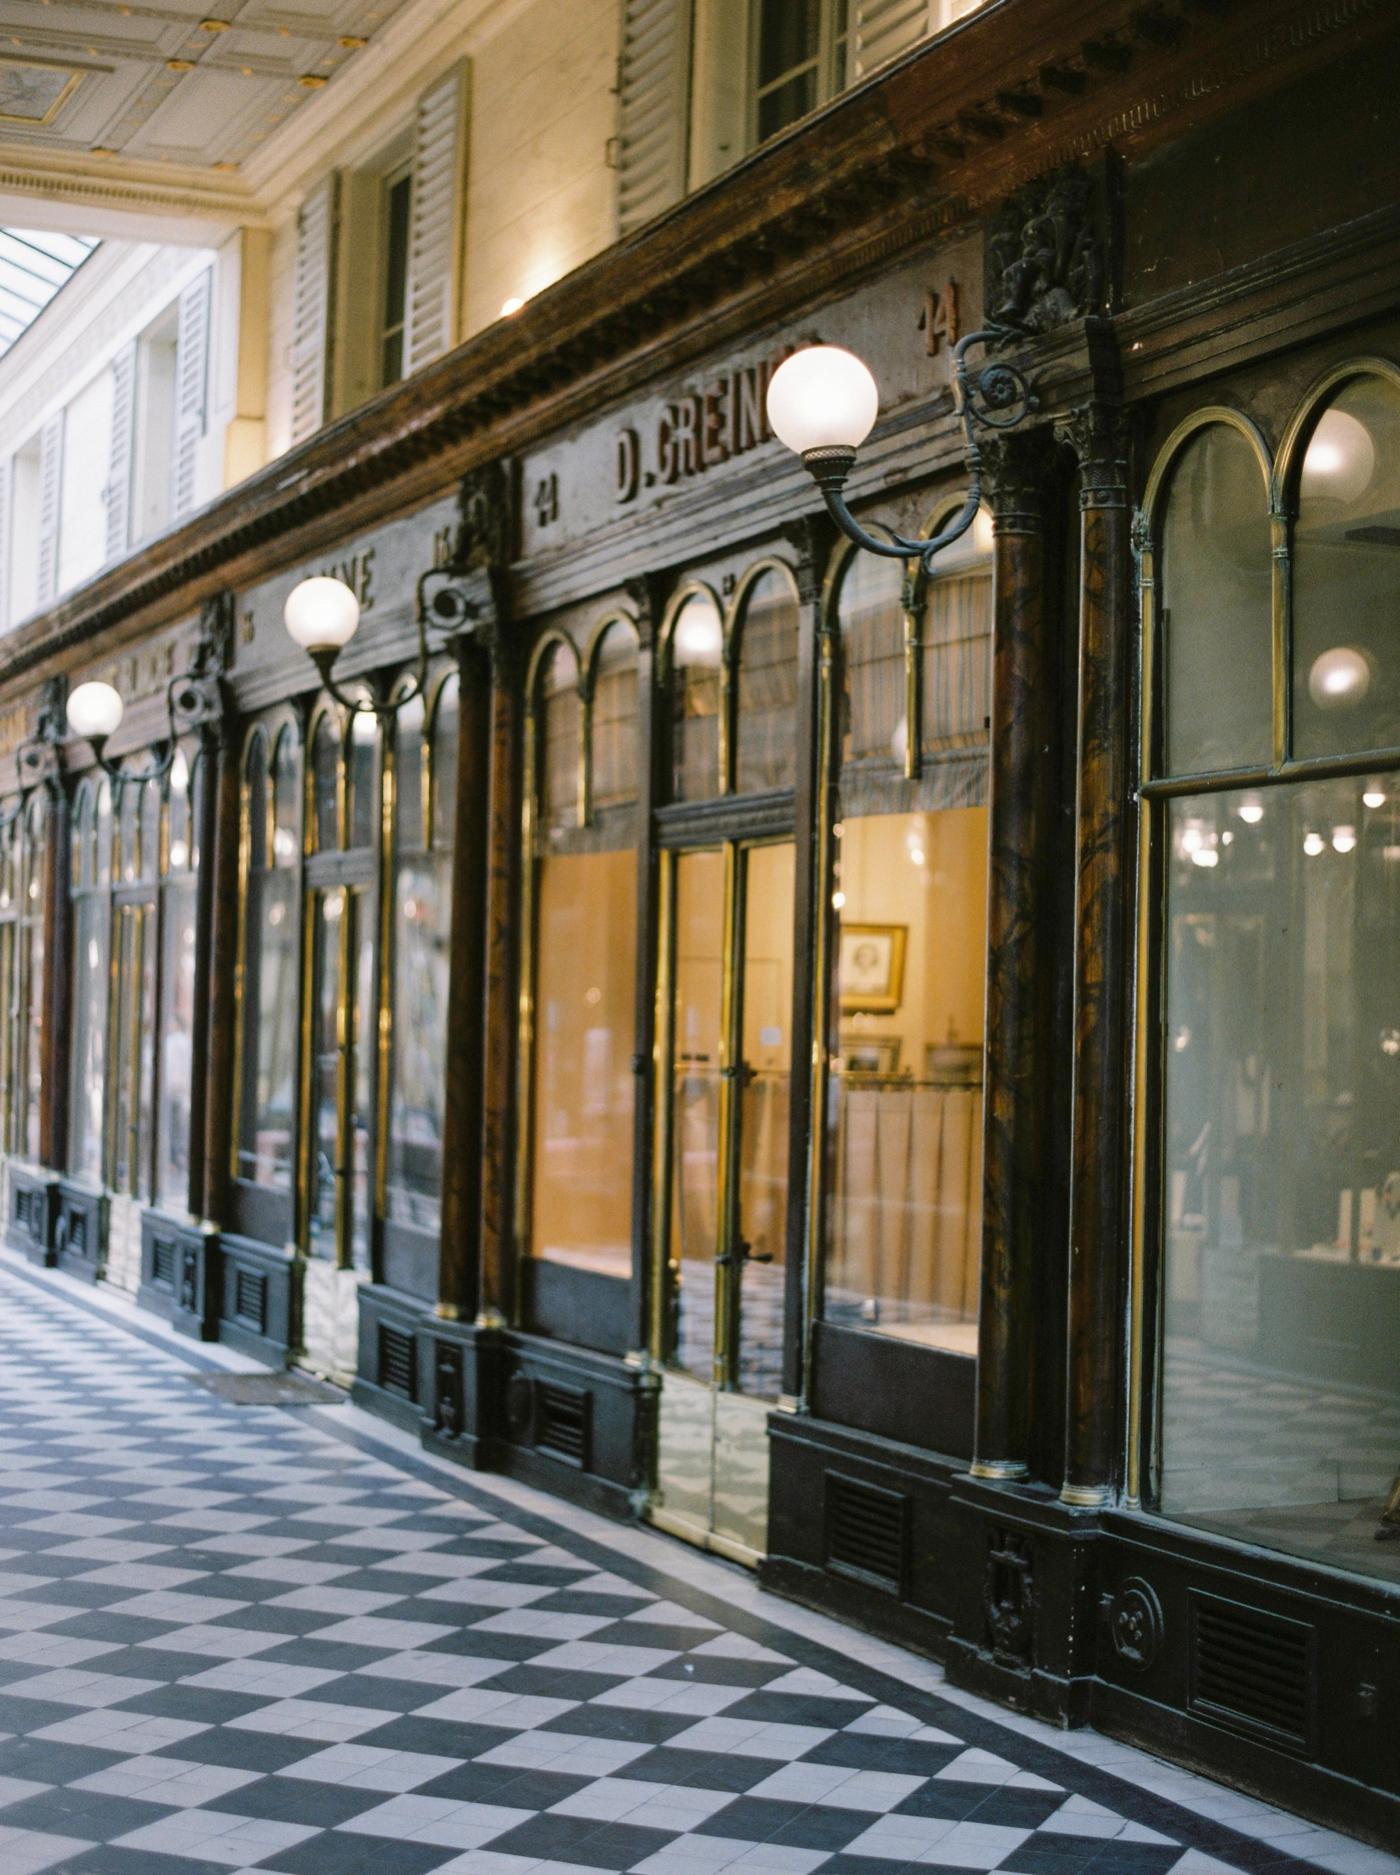 Paris France travel photography | fine art prints | justine milton film photographer